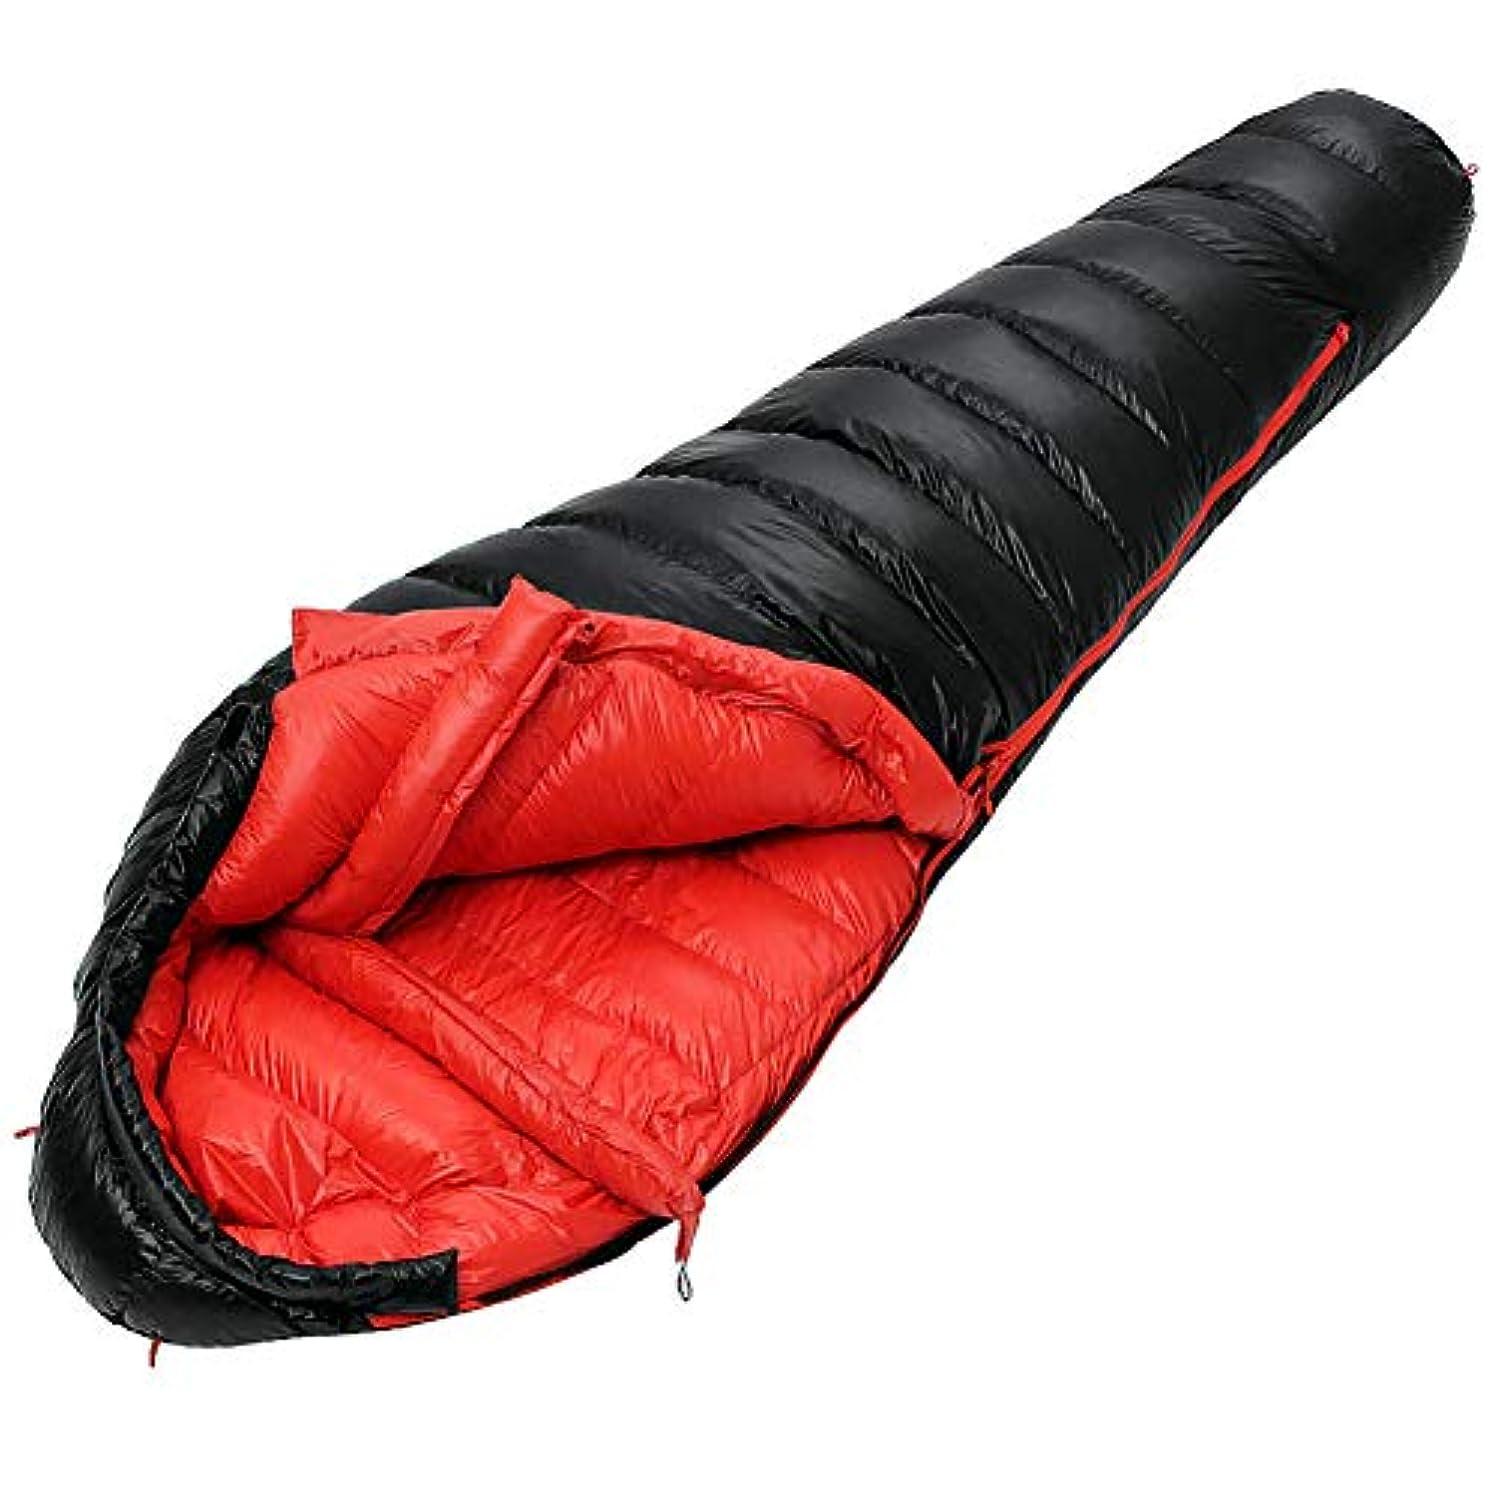 意気消沈した称賛詐欺寝袋, アウトドアママ睡眠袋携帯用厚み睡眠袋屋内キャンプ大人スリーピングパッド,Black,210*80cm